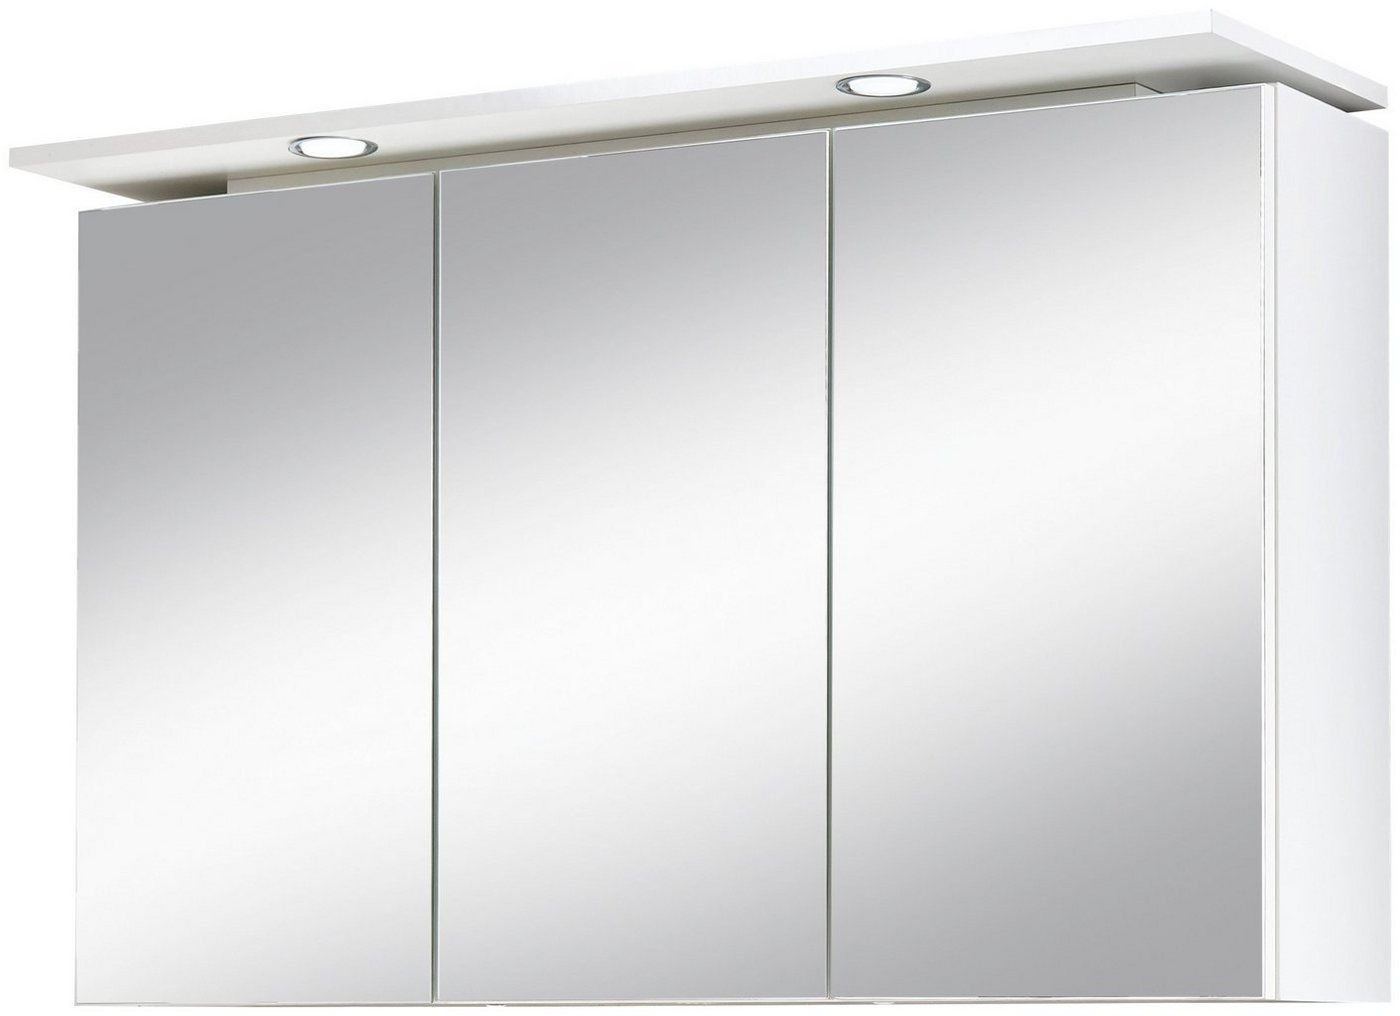 preisvergleich kesper spiegelschrank lugo breite 100 cm mit willbilliger. Black Bedroom Furniture Sets. Home Design Ideas